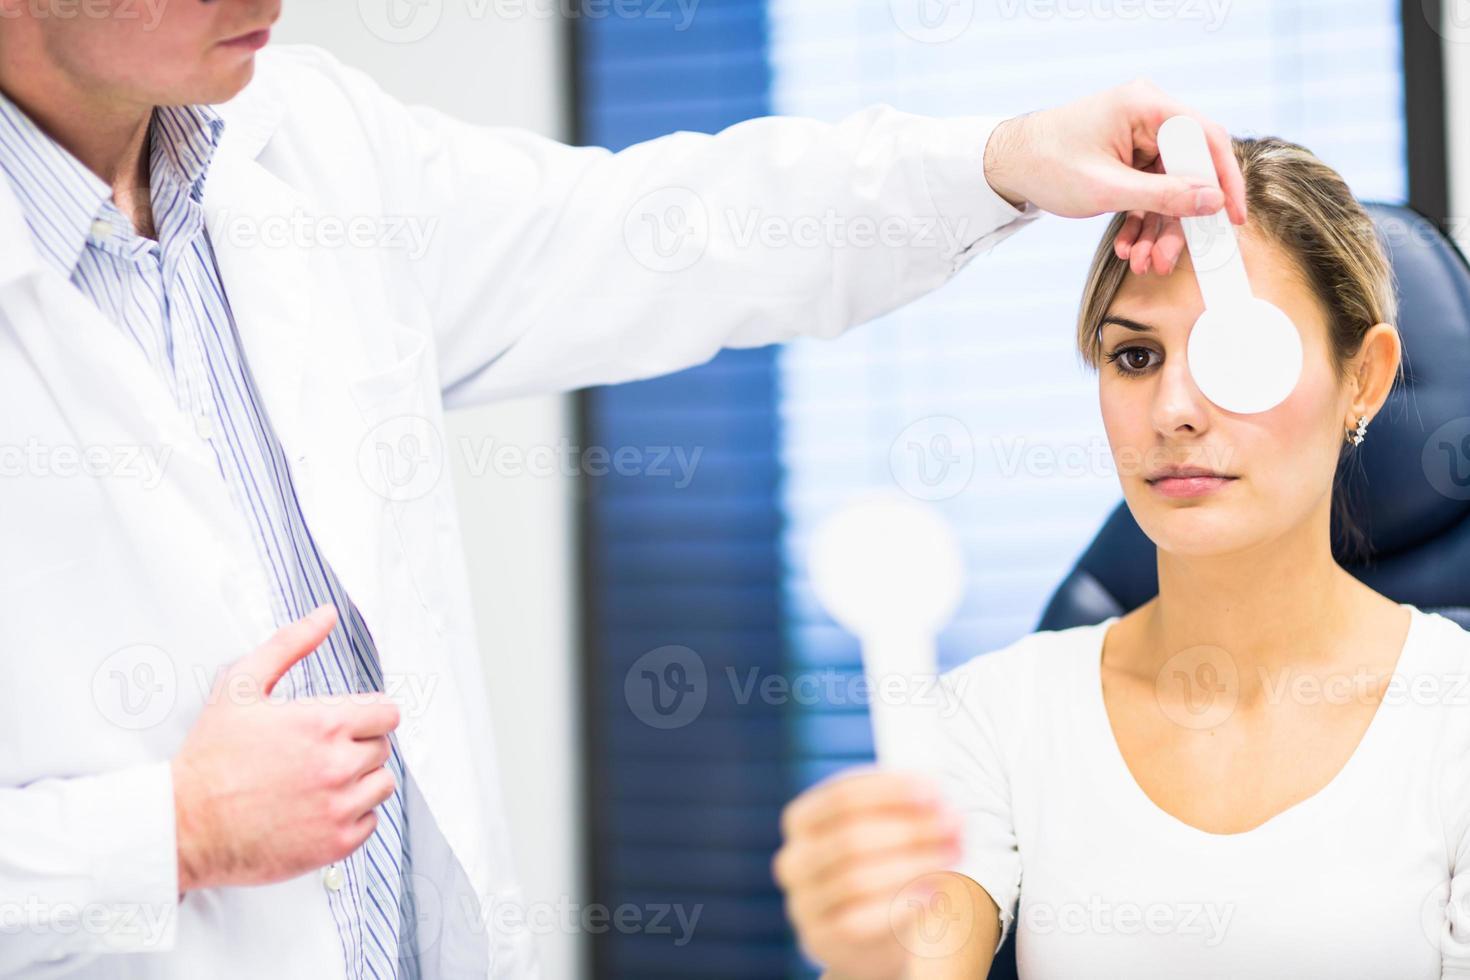 hübsche junge Frau, deren Augen durch Optometrie untersucht werden foto